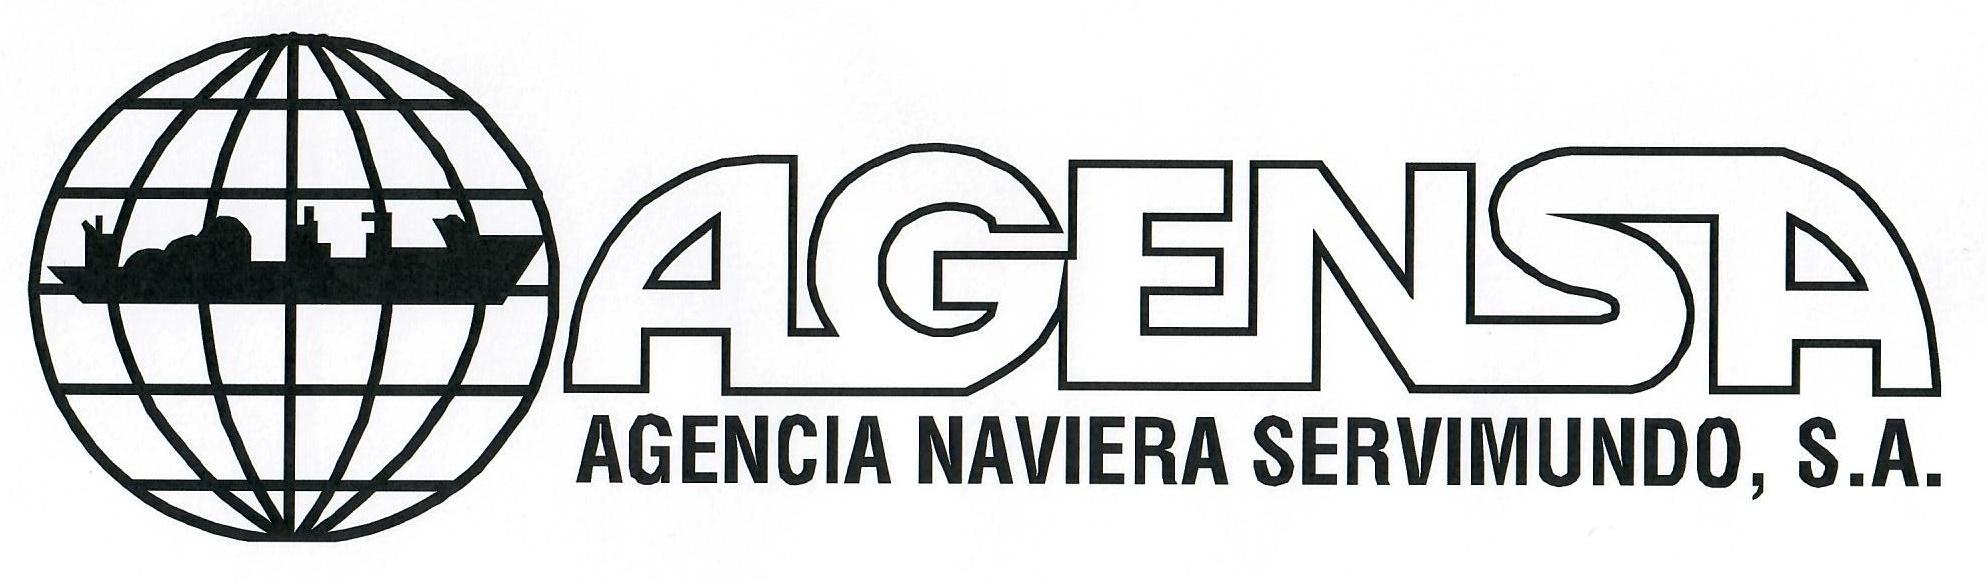 Agencia Naviera Servimundo, S.A.